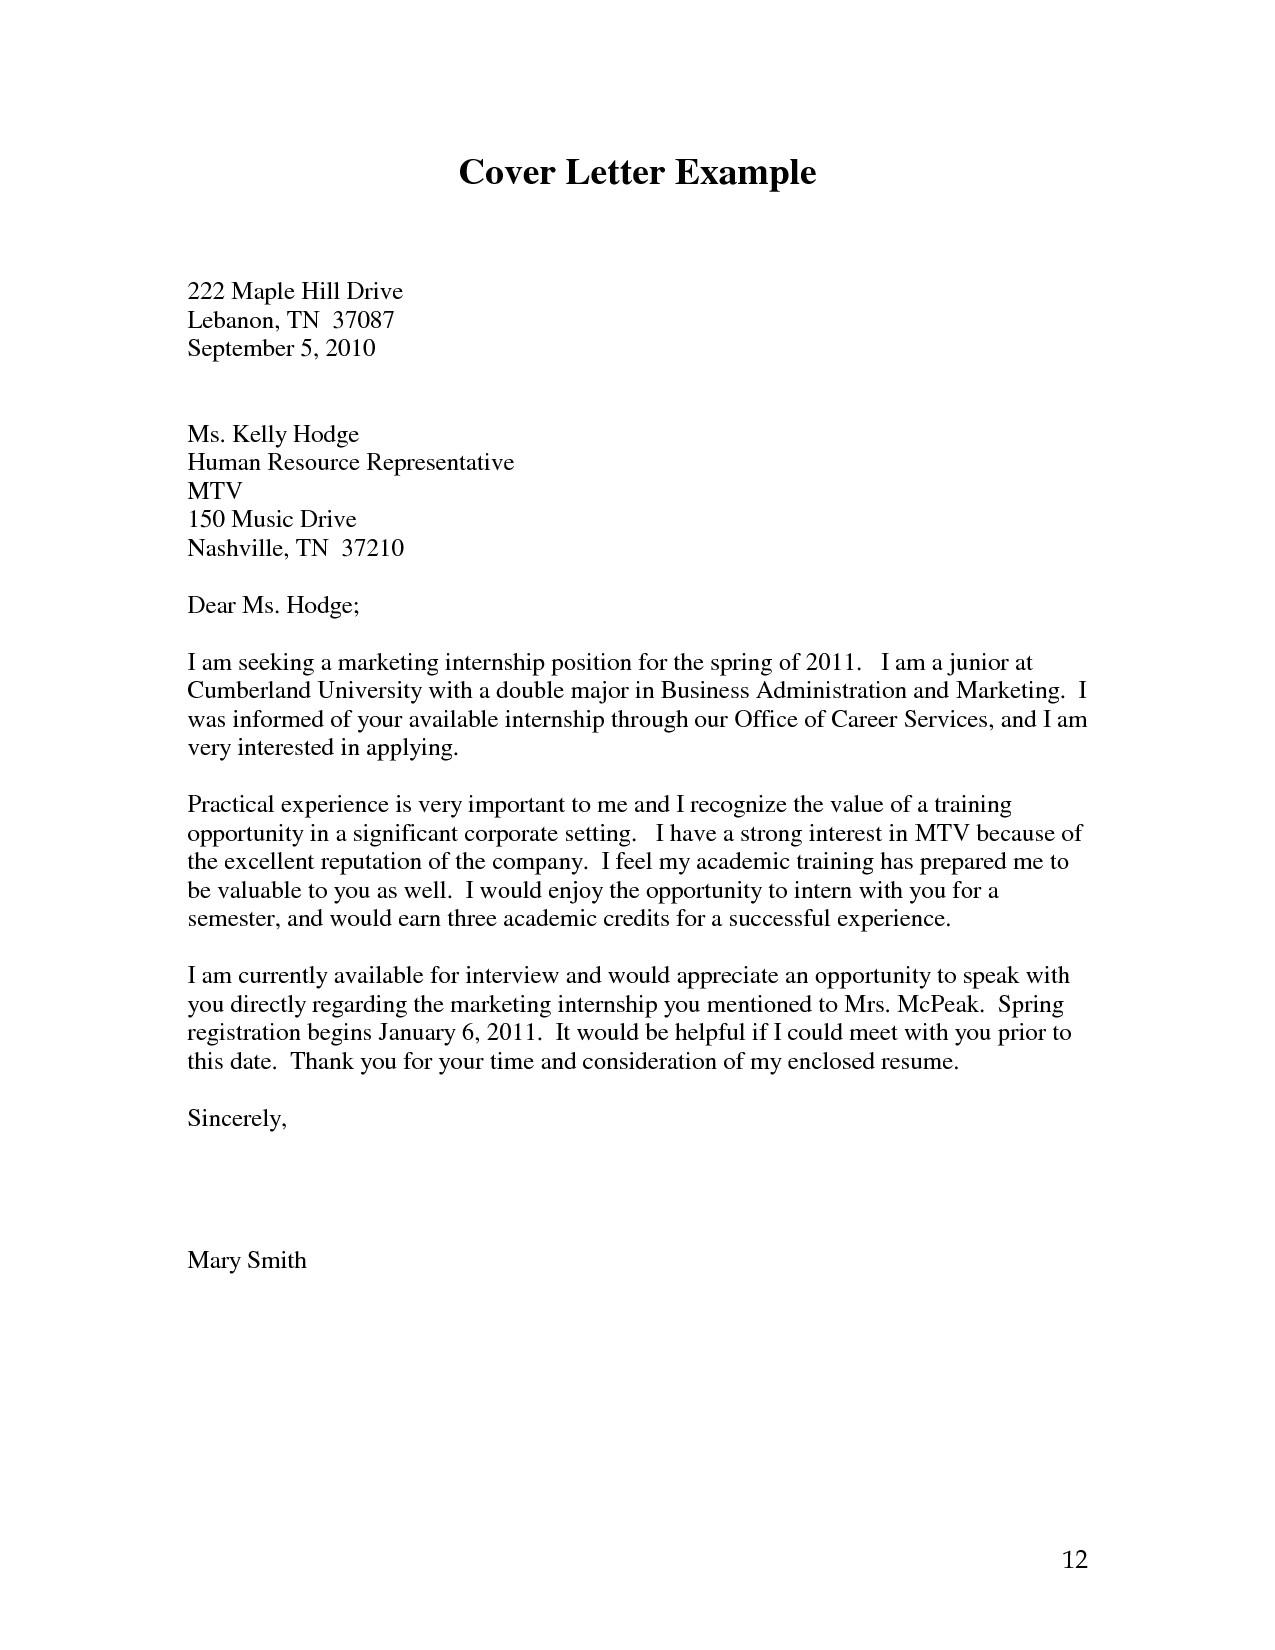 general cover letter for internship